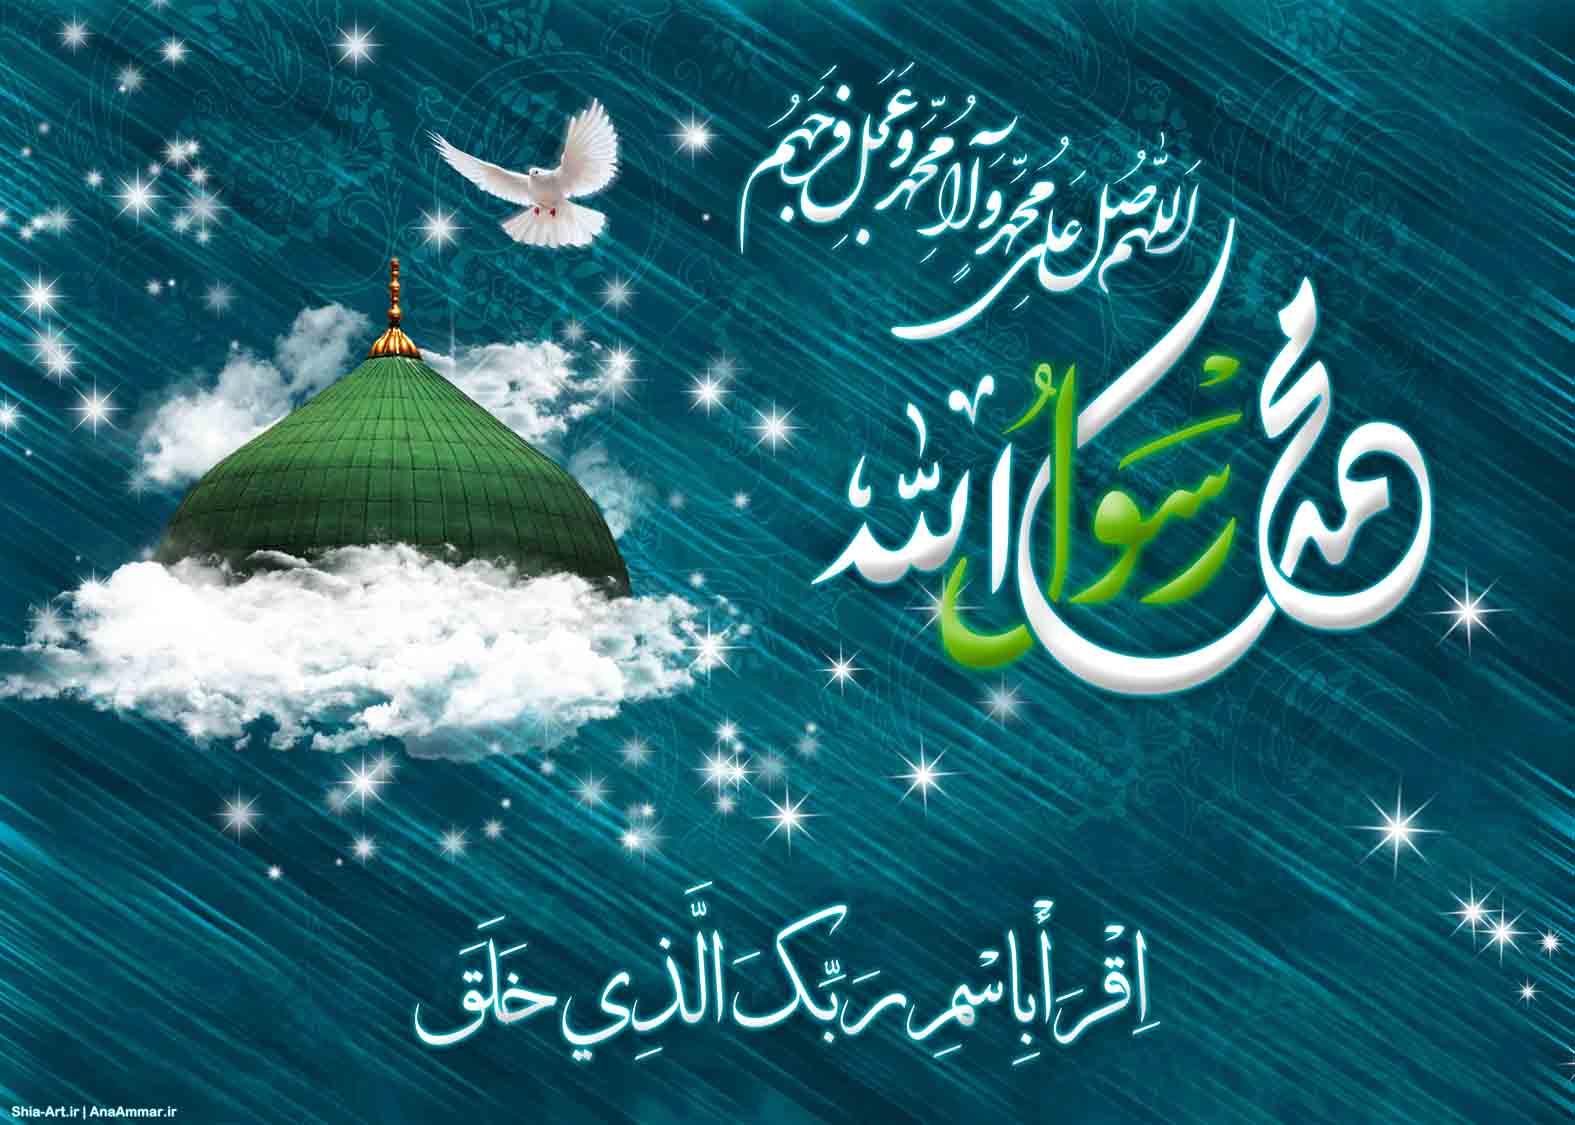 فرا رسیدن عید مبعث بر همه مبارک باد / پیامک تبریک